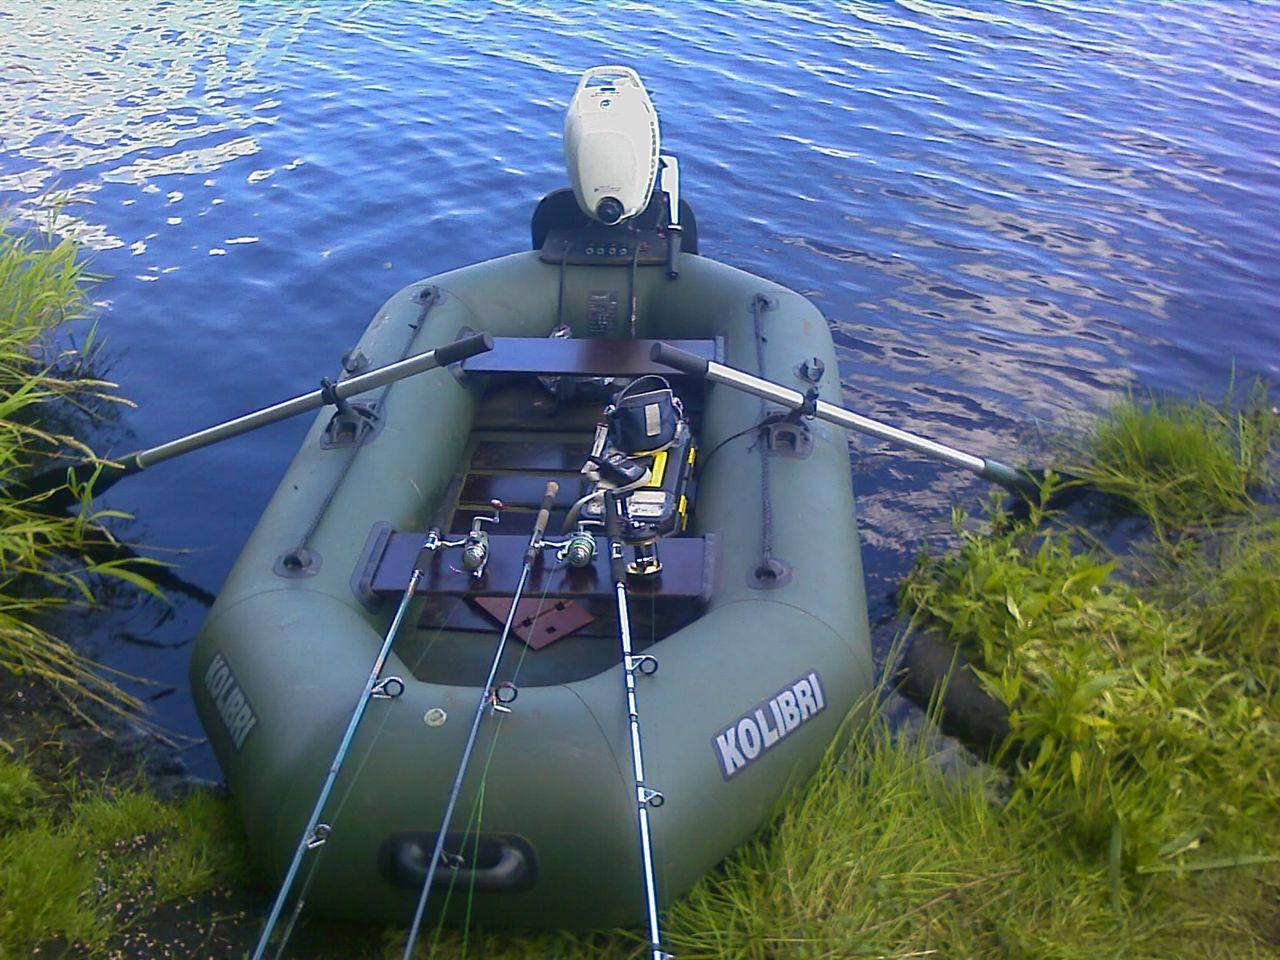 моторы для лодки с навесным транцем